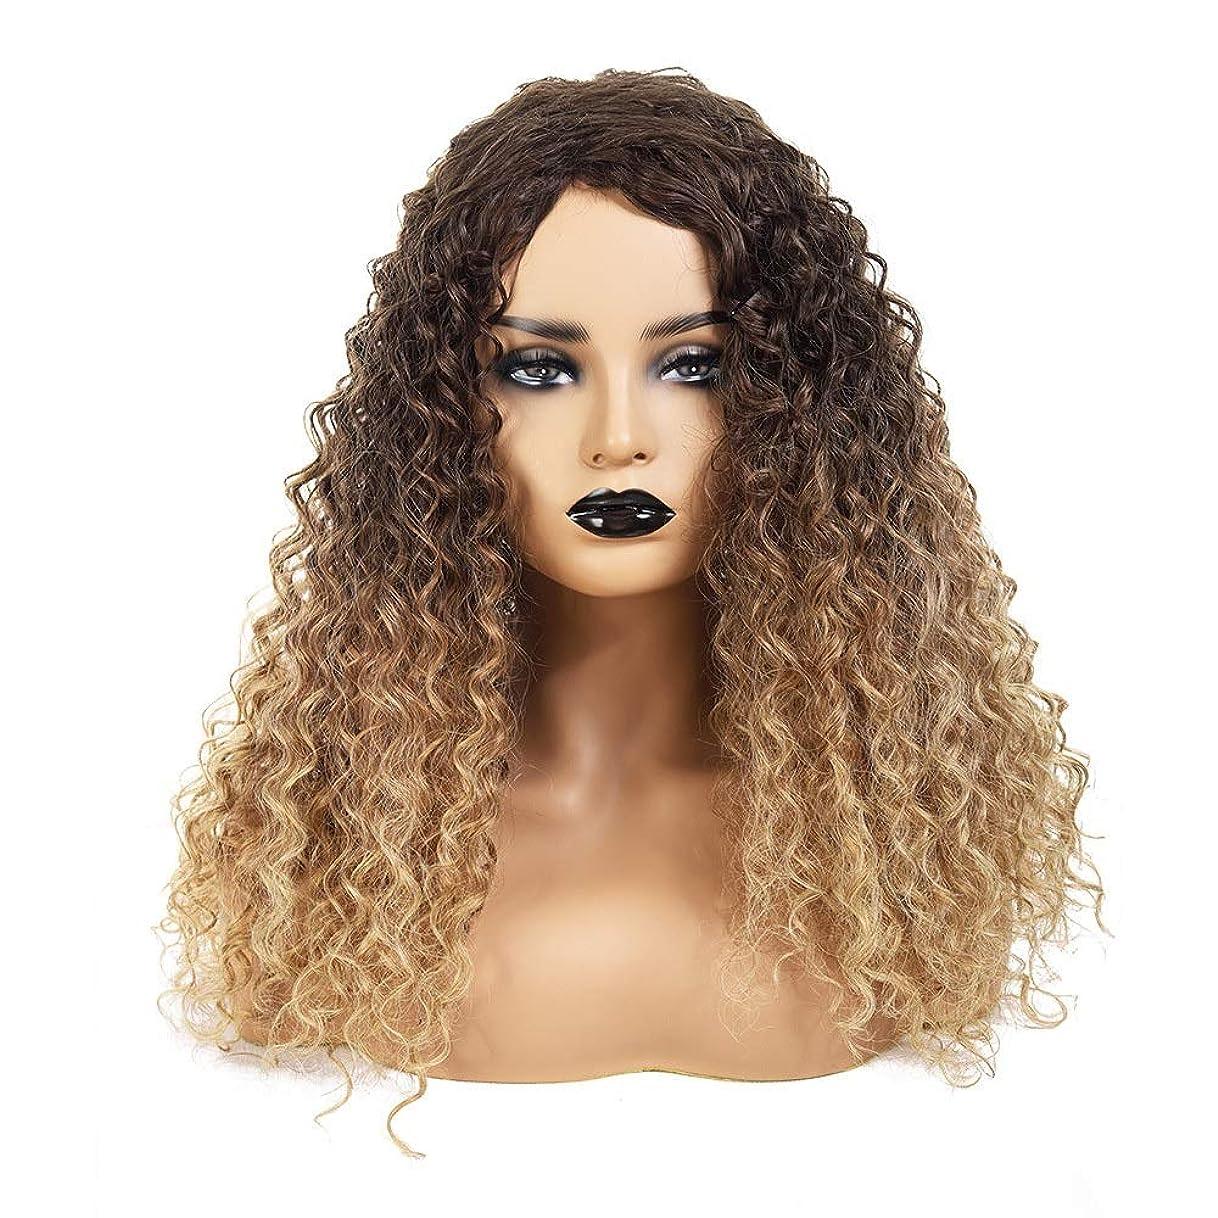 ブラシ二しつけIsikawan ルーツグラデーションブロンドの抵抗力のある髪の人工毛ふわふわ女性用18インチアフロカーリーヘアブラウン (色 : Blonde)